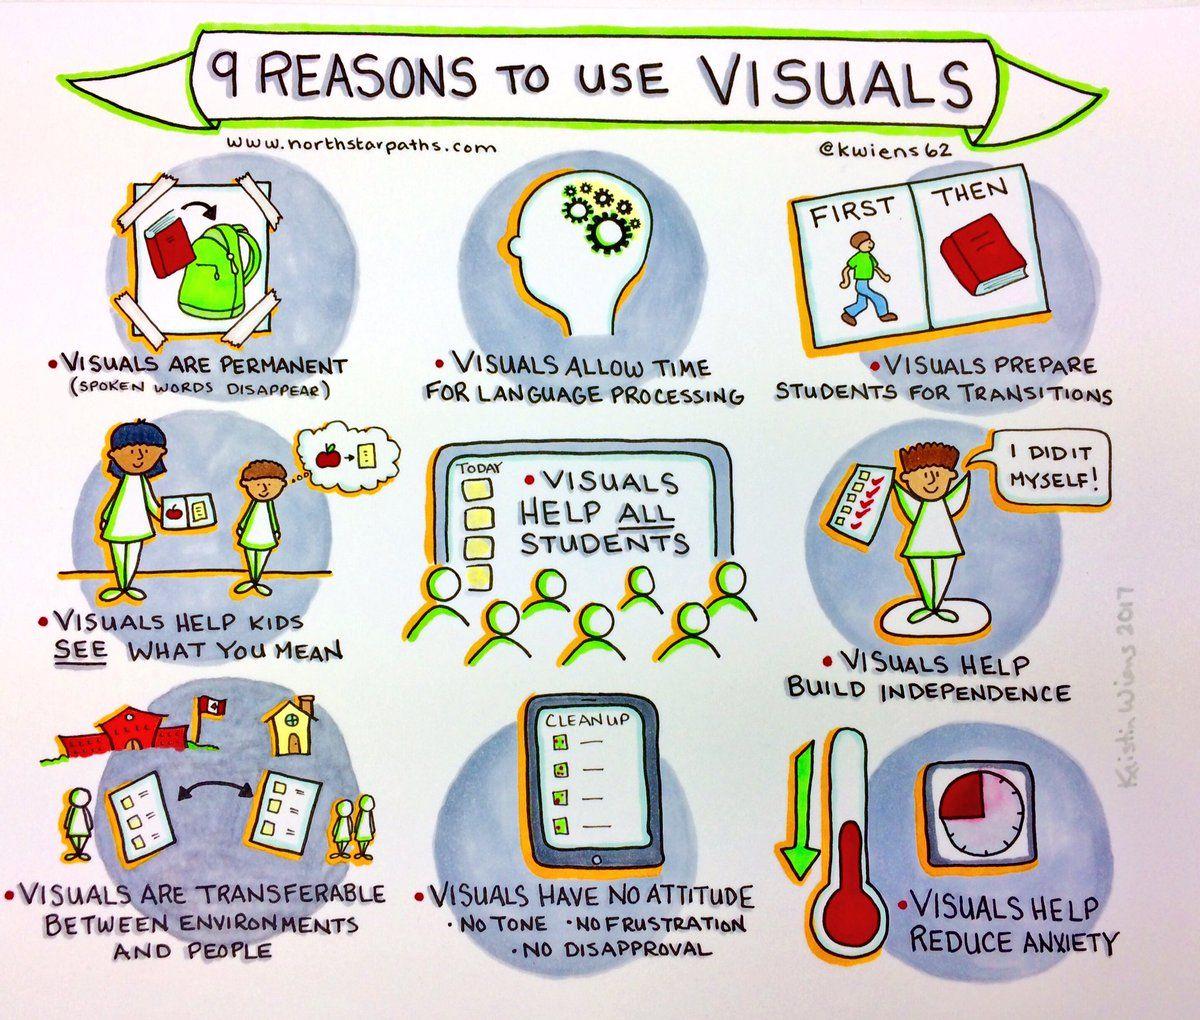 9 Reasons To Use Visuals